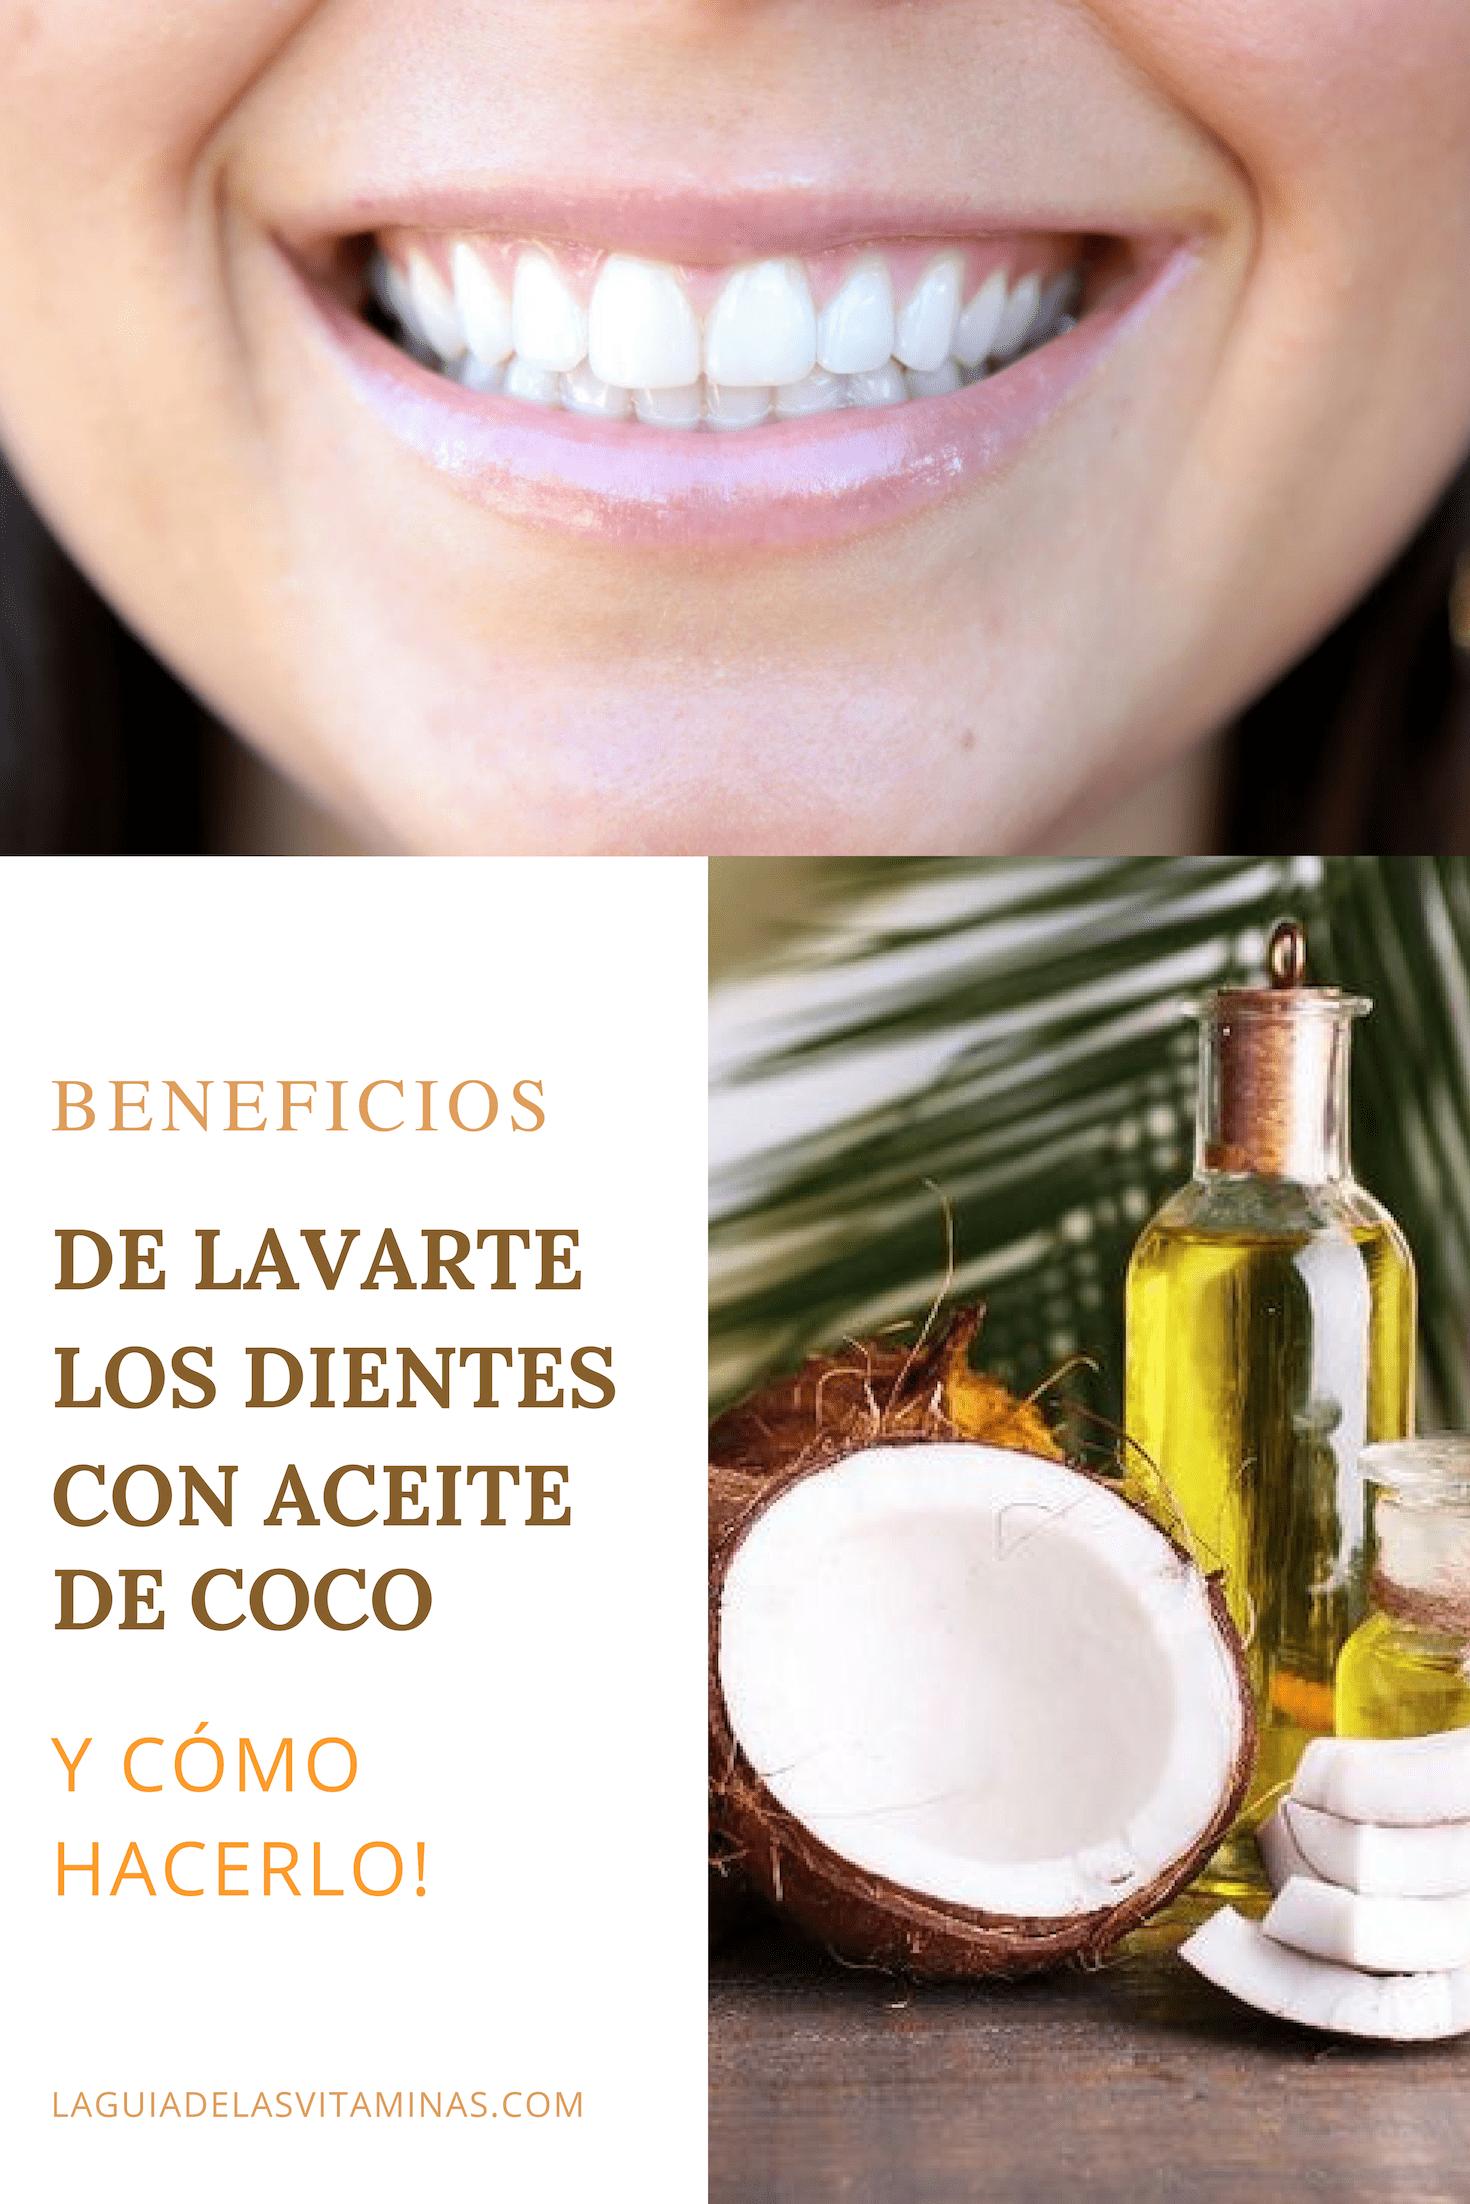 Beneficios De Lavarte Los Dientes Con Aceite De Coco Y Cómo Hacerlo La Guía De Las Vitaminas Beauty Hacks Dental Beauty